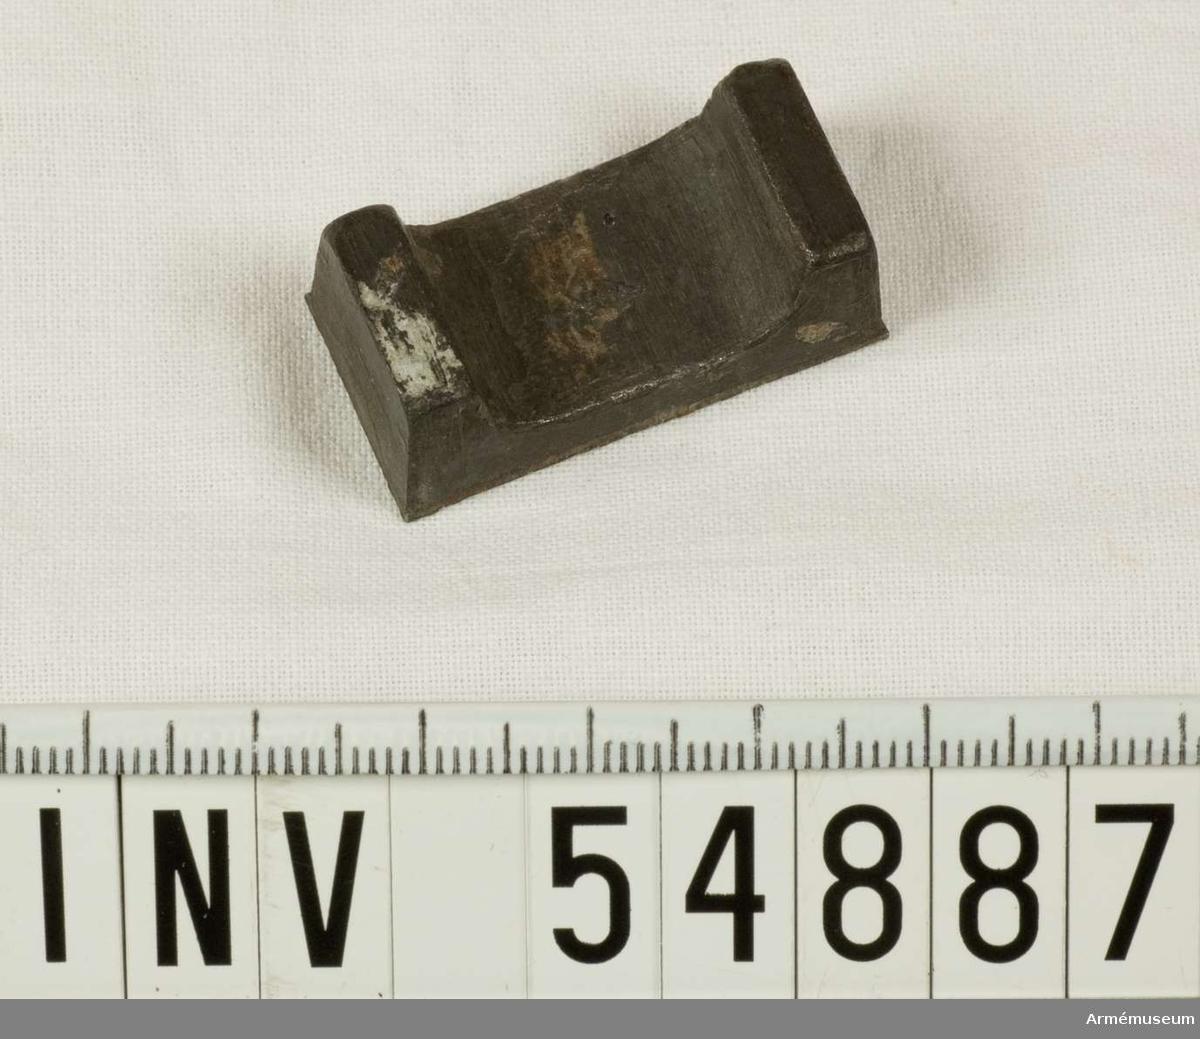 Grupp E VIII.   Del till pipa. Nr 2 (av 9. Ev. saknas en 10:e.) i tillverkningsordningen. Gevärsdel t 1867 års gevär m/1867; en av c:a 400 delar.